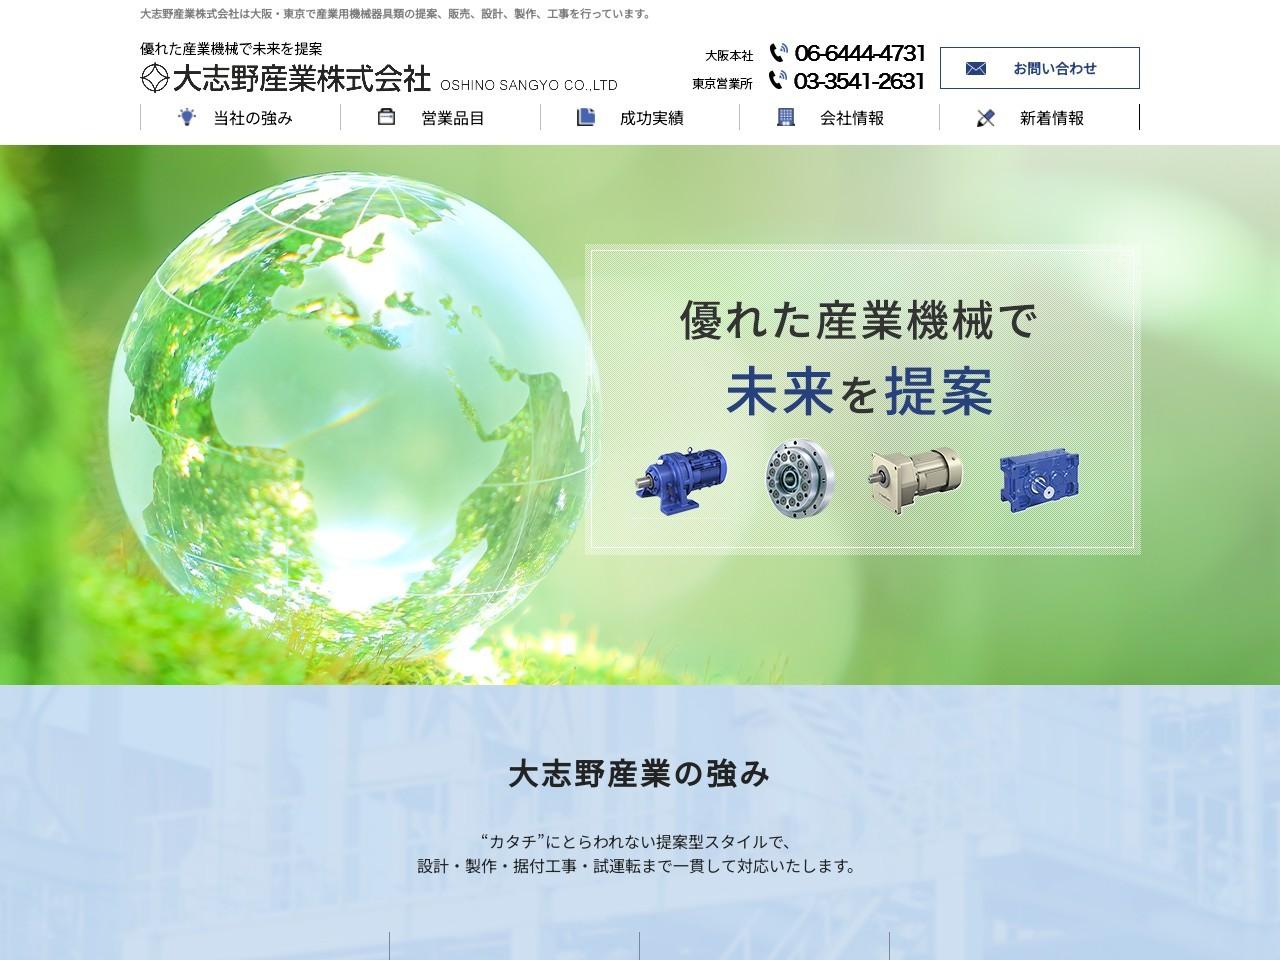 大志野産業株式会社